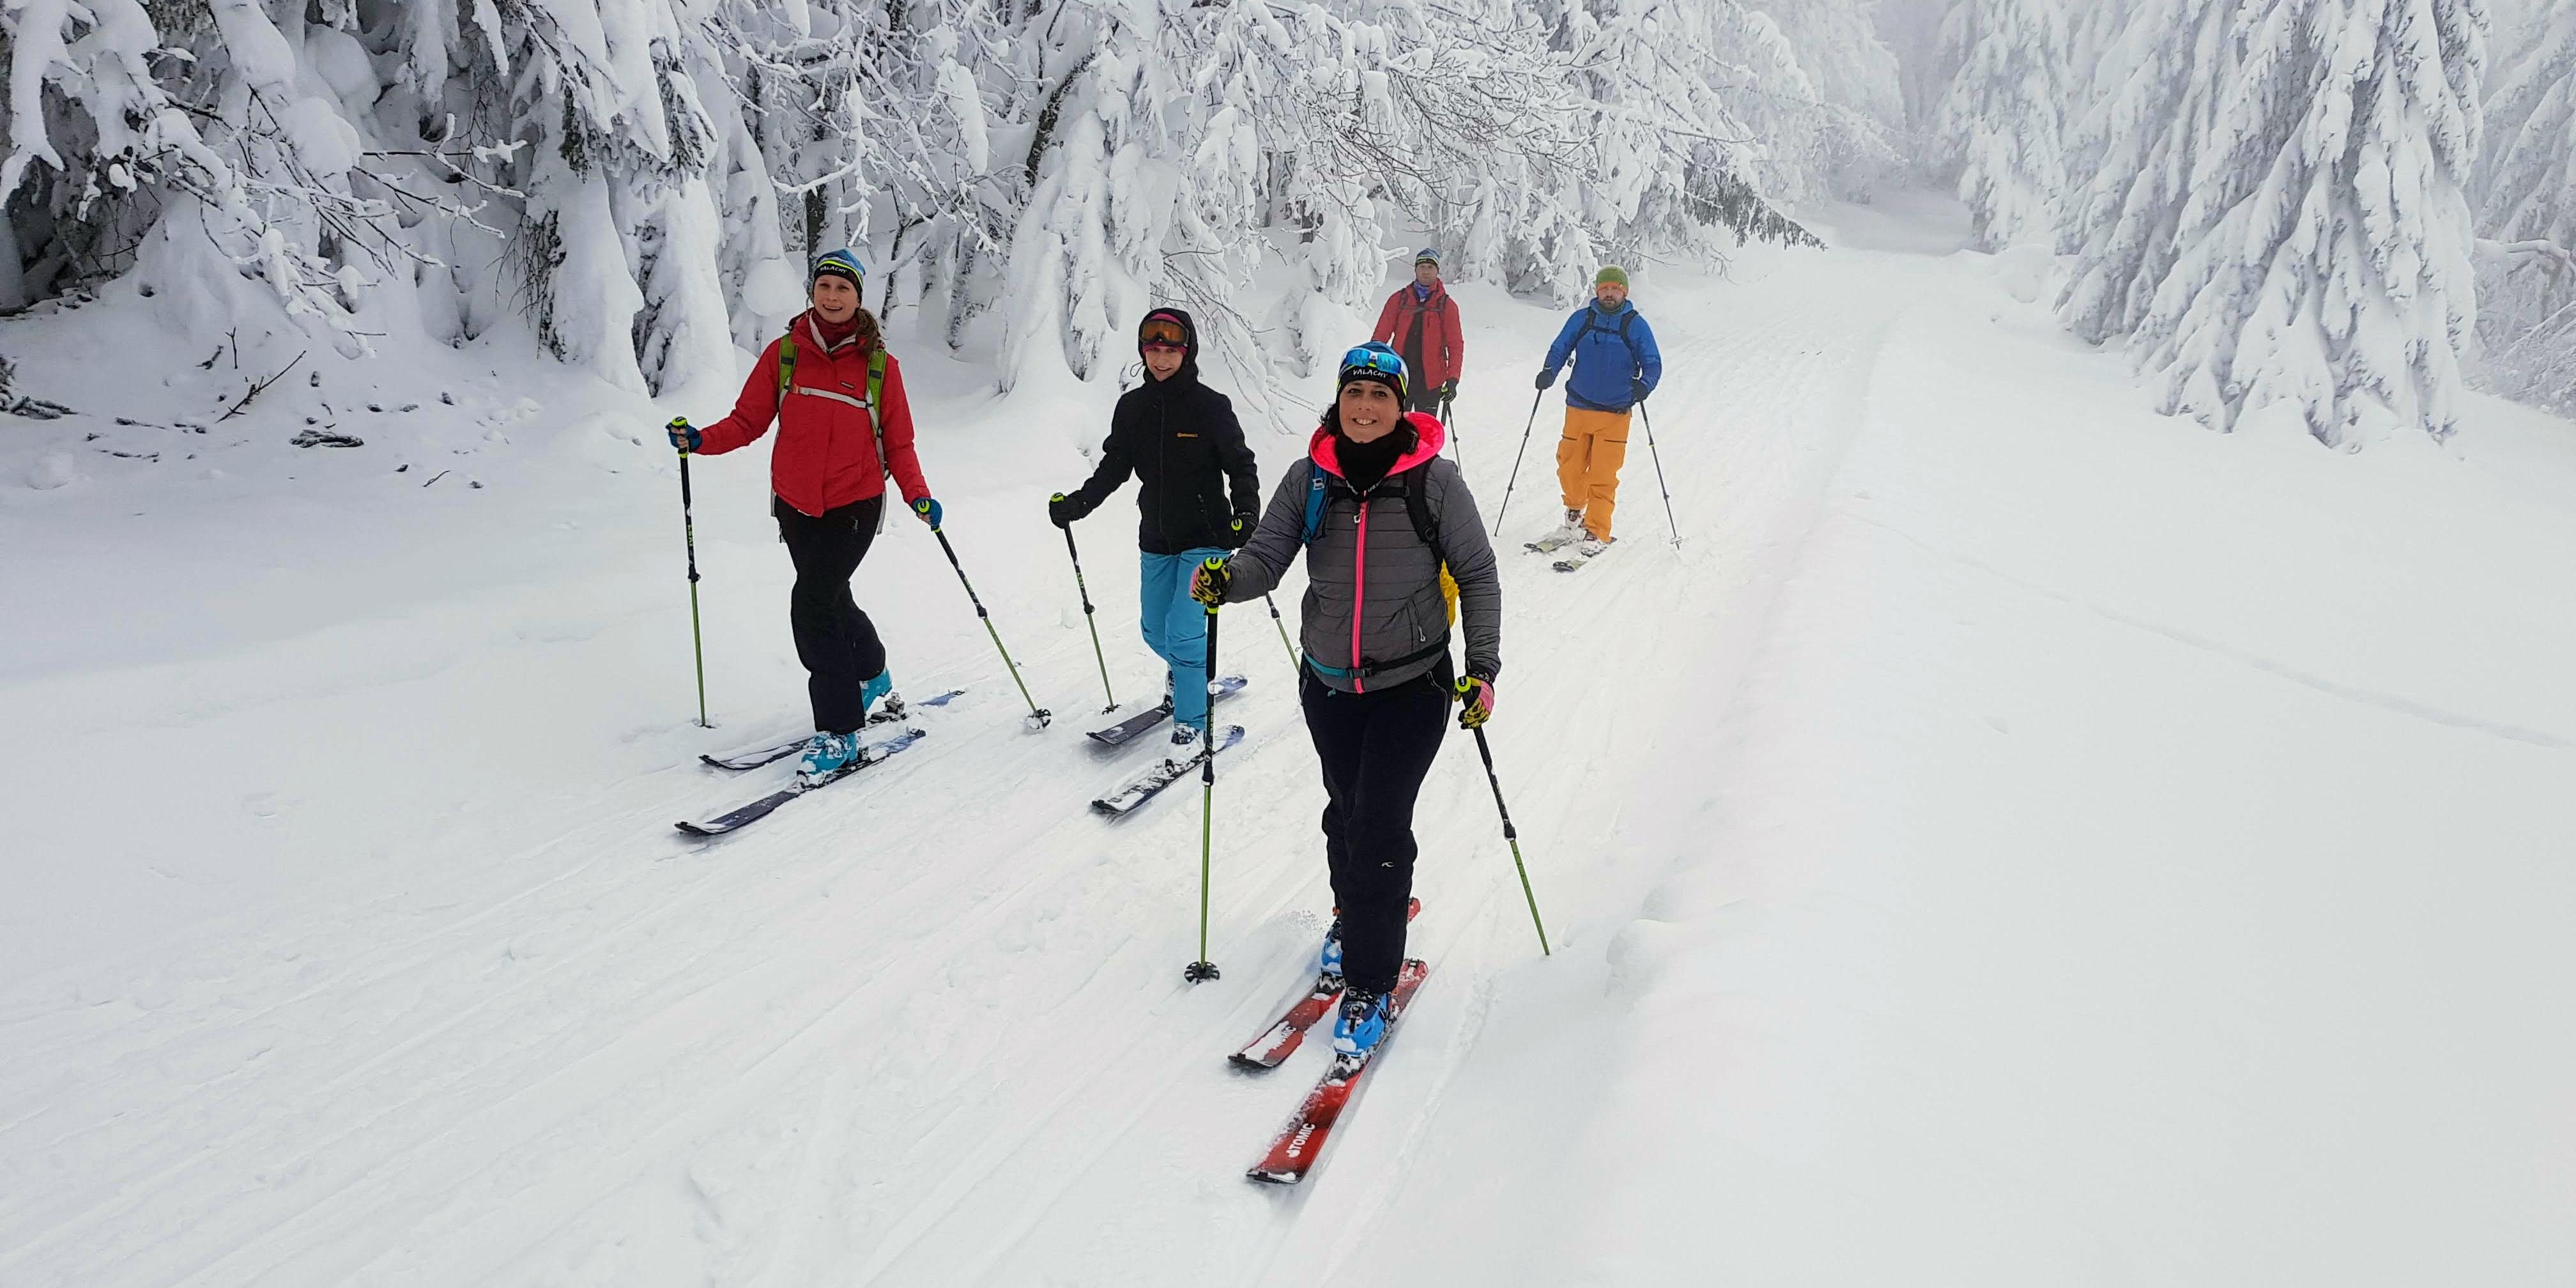 Letošní zimní sezona s sebou přináší nový trend, přibude běžkařů a skialpinistů